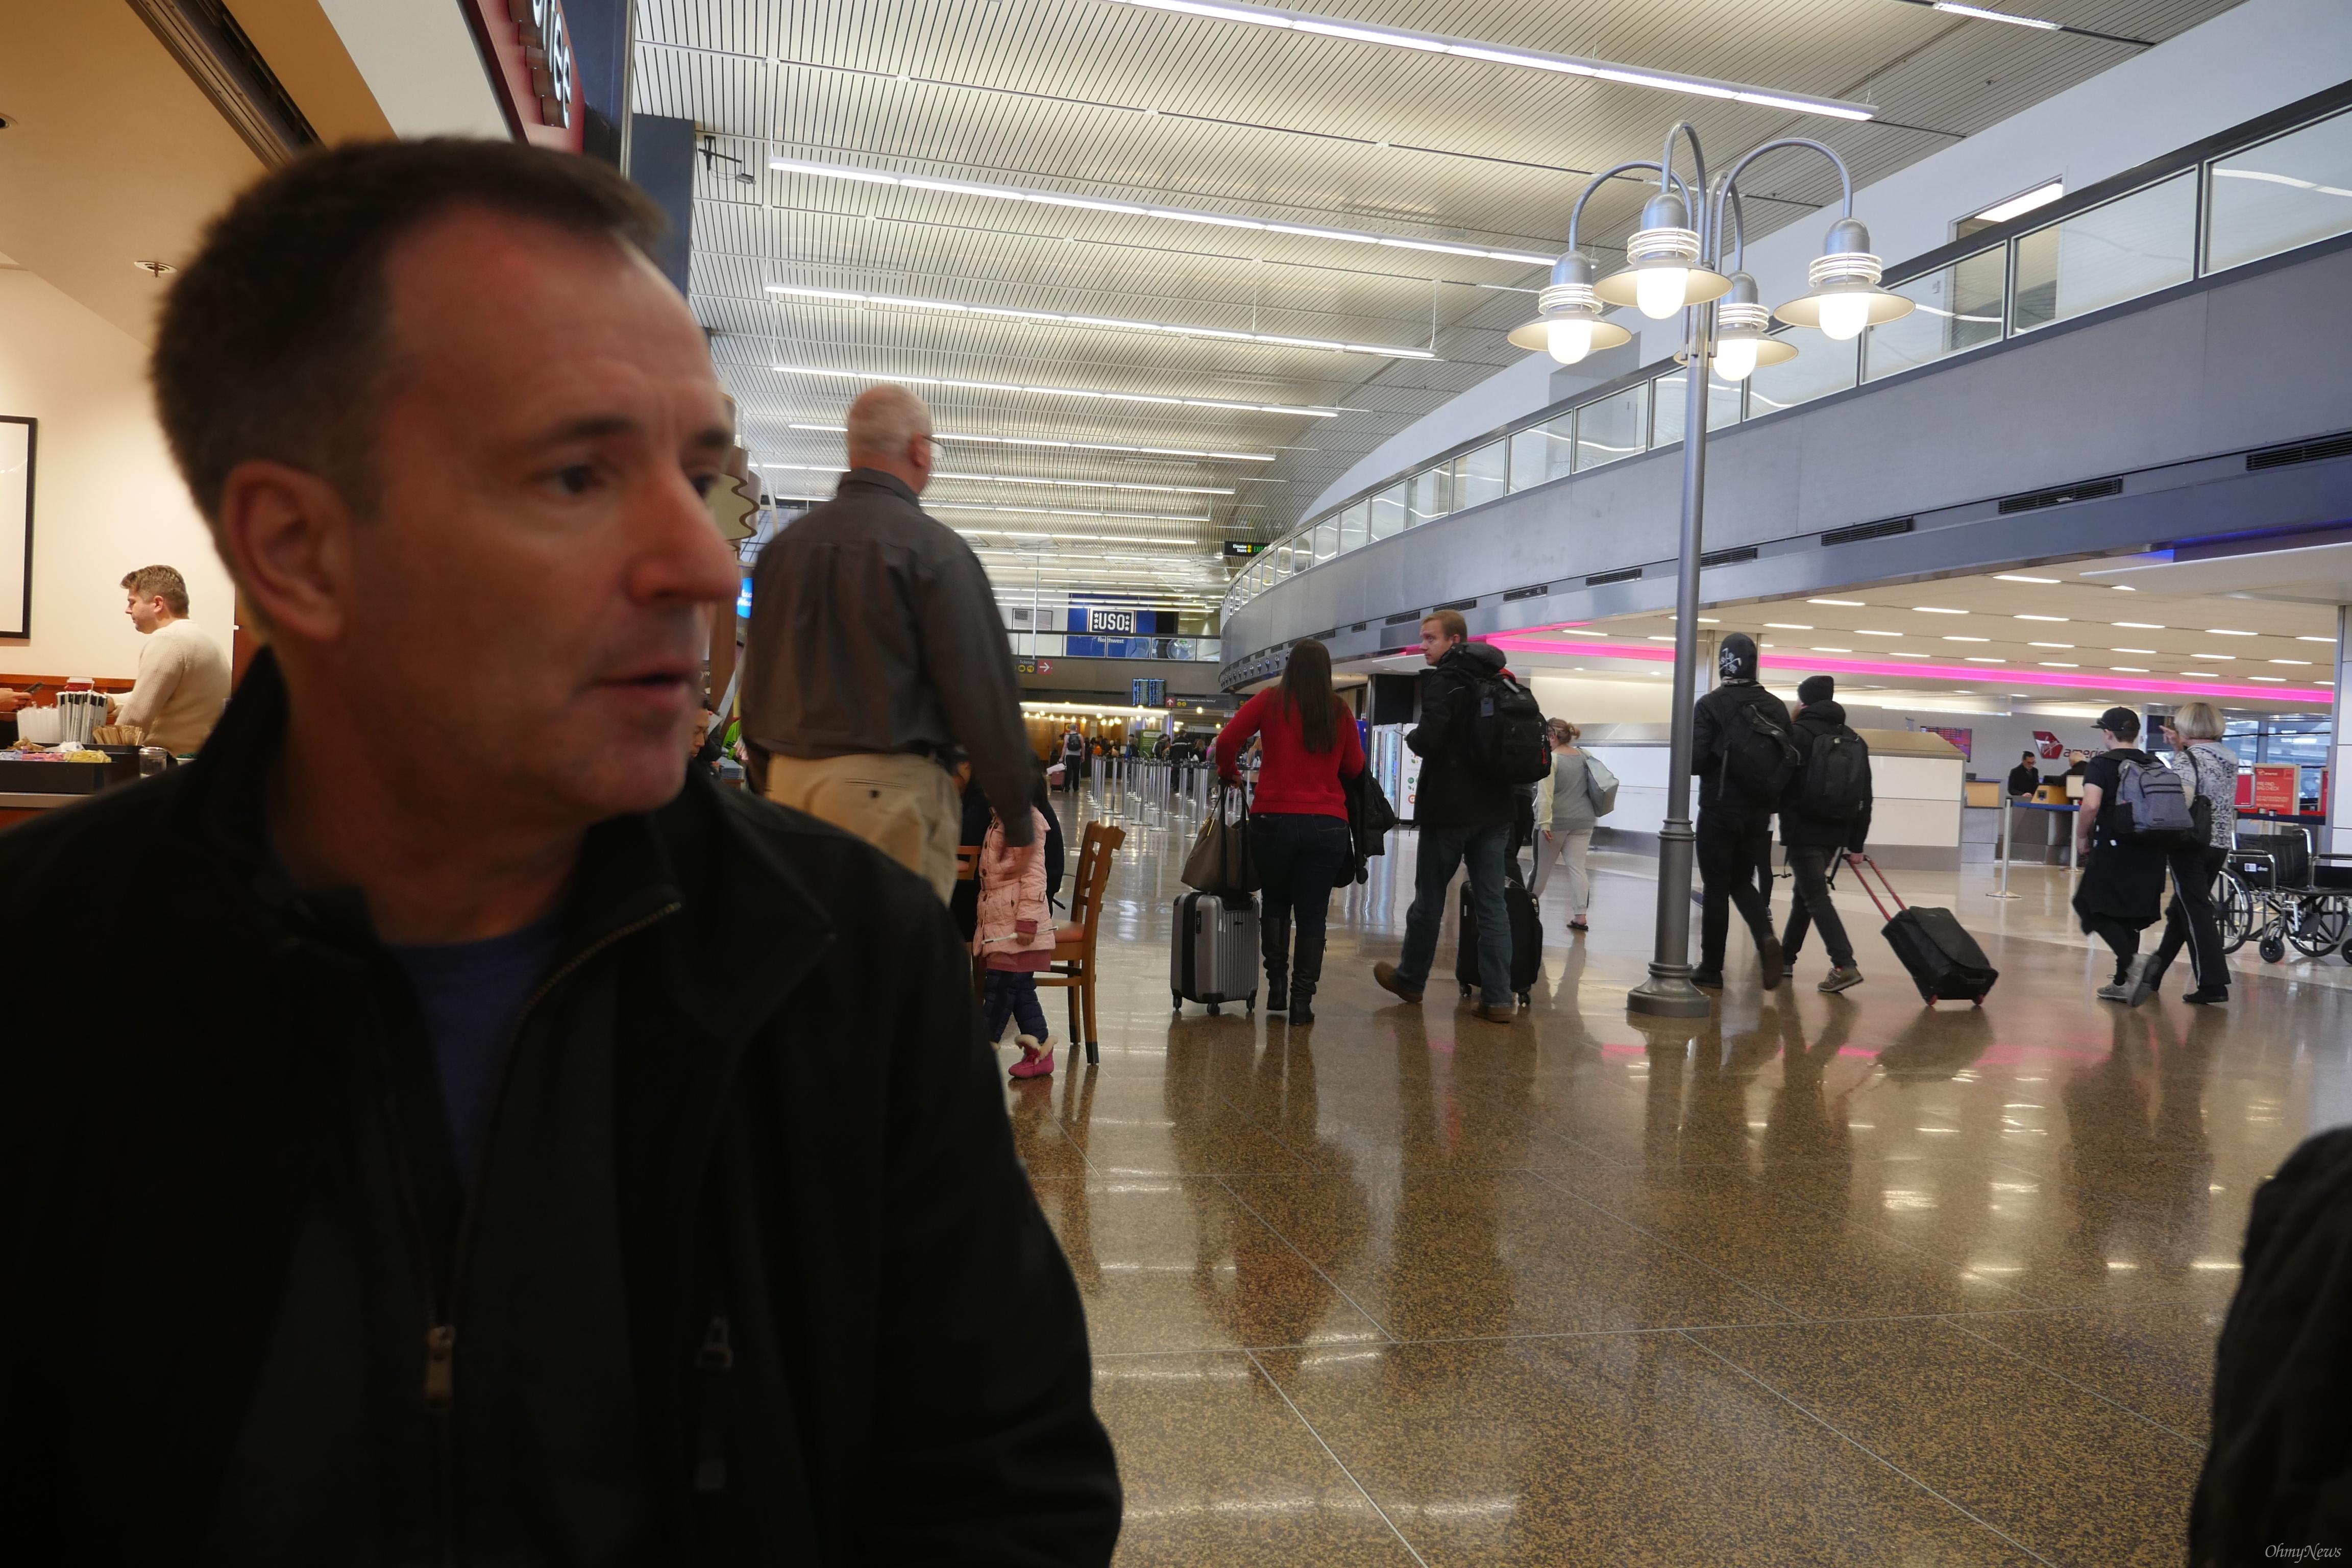 알렉스 훕스 1989년부터 처음 알래스카 항공에서 일했던 알렉스 훕스씨는 2011년 알래스카 항공에 두 번째 취업했다.